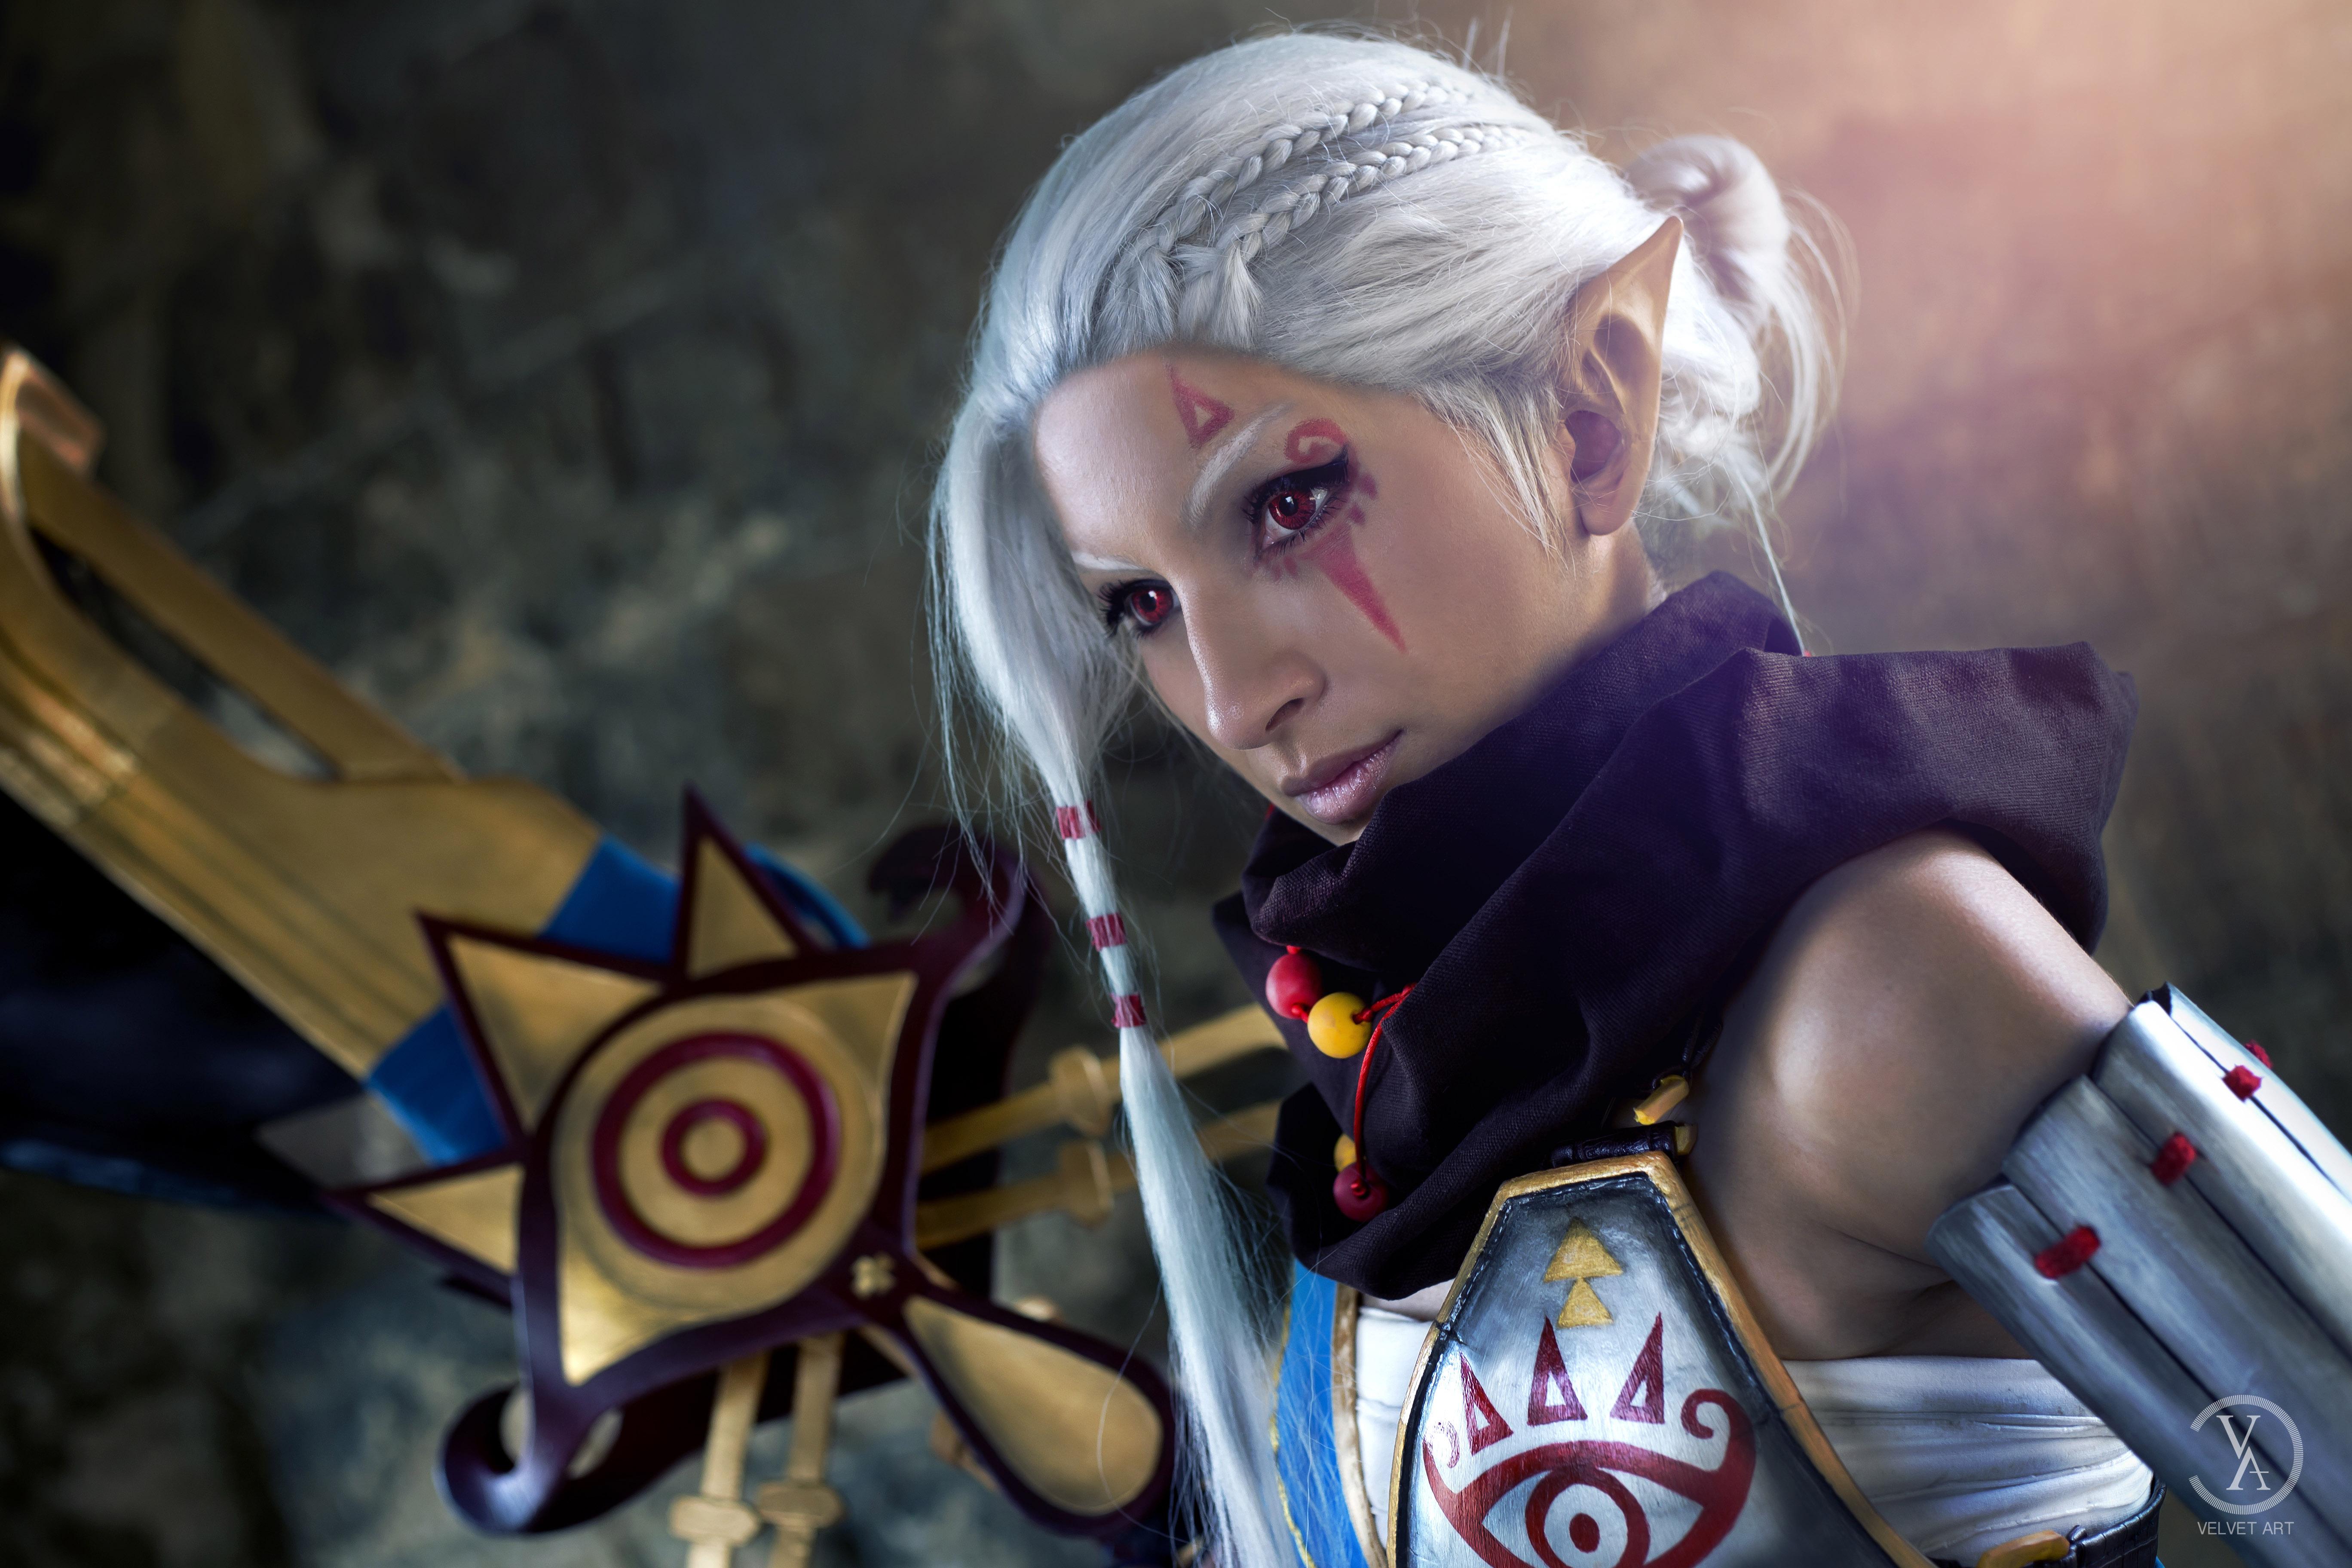 Hyrule Warriors Impa Velvet Art Online Store Powered By Storenvy